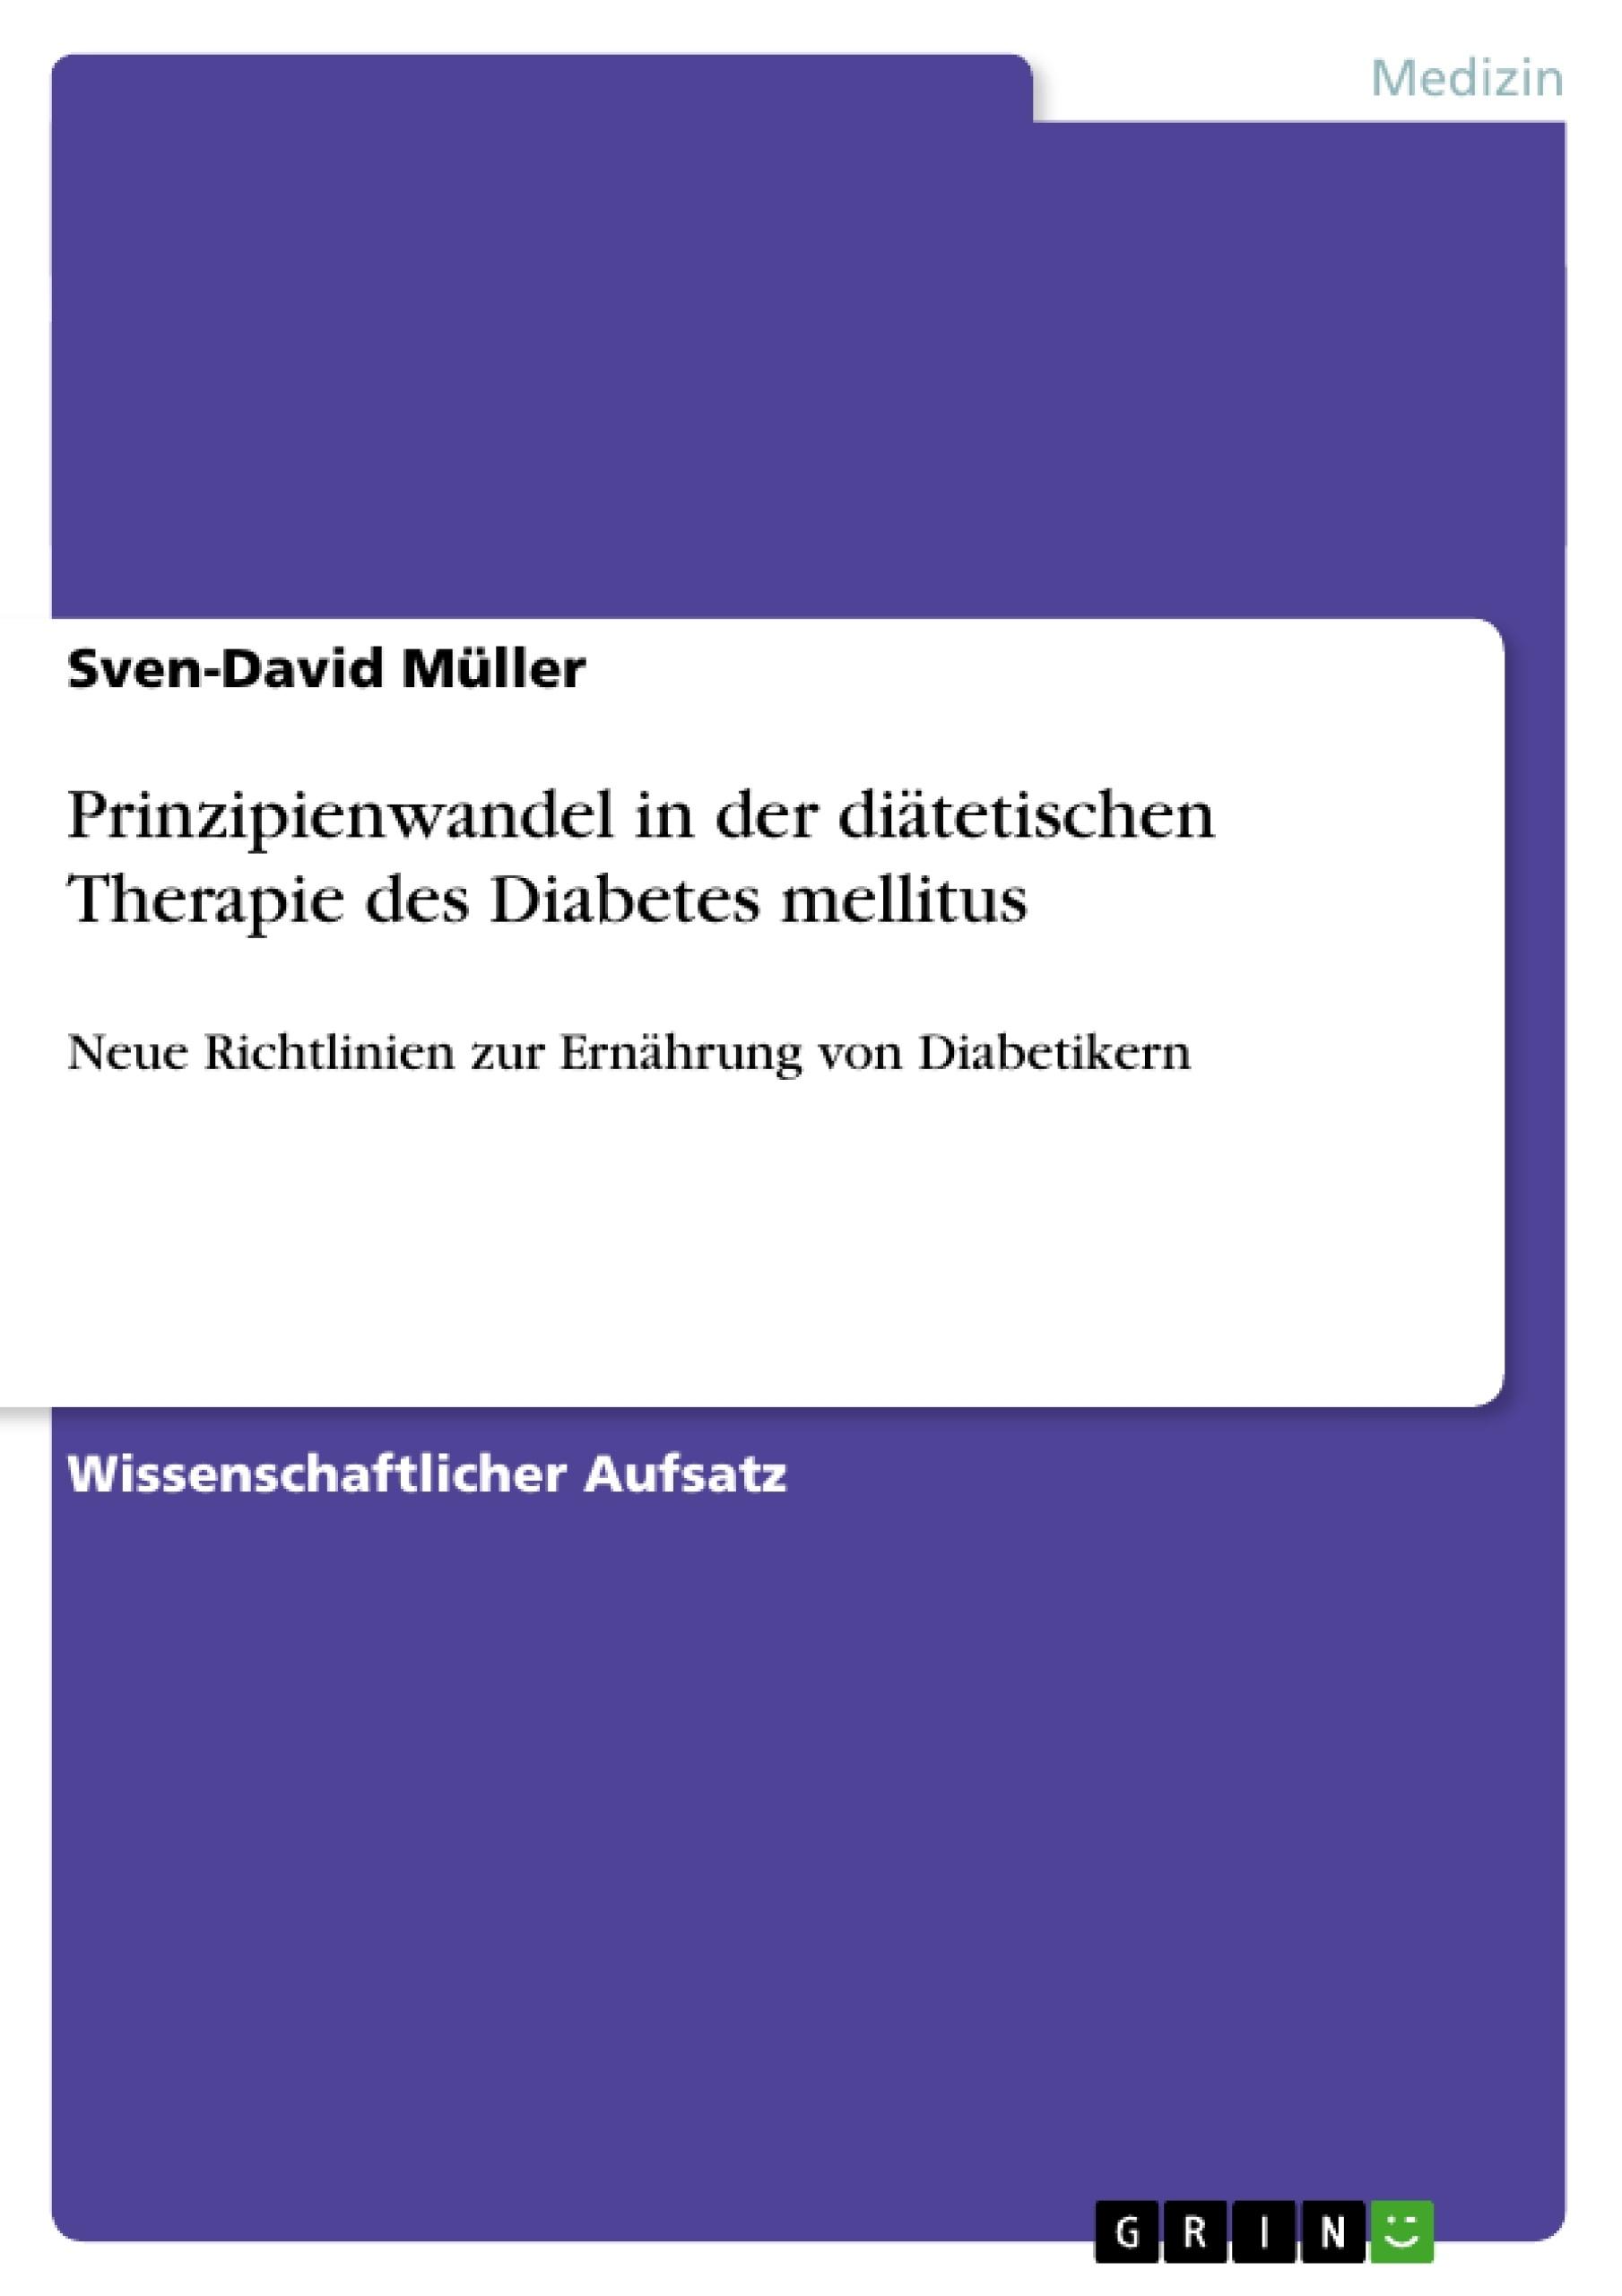 Titel: Prinzipienwandel in der diätetischen Therapie des Diabetes mellitus